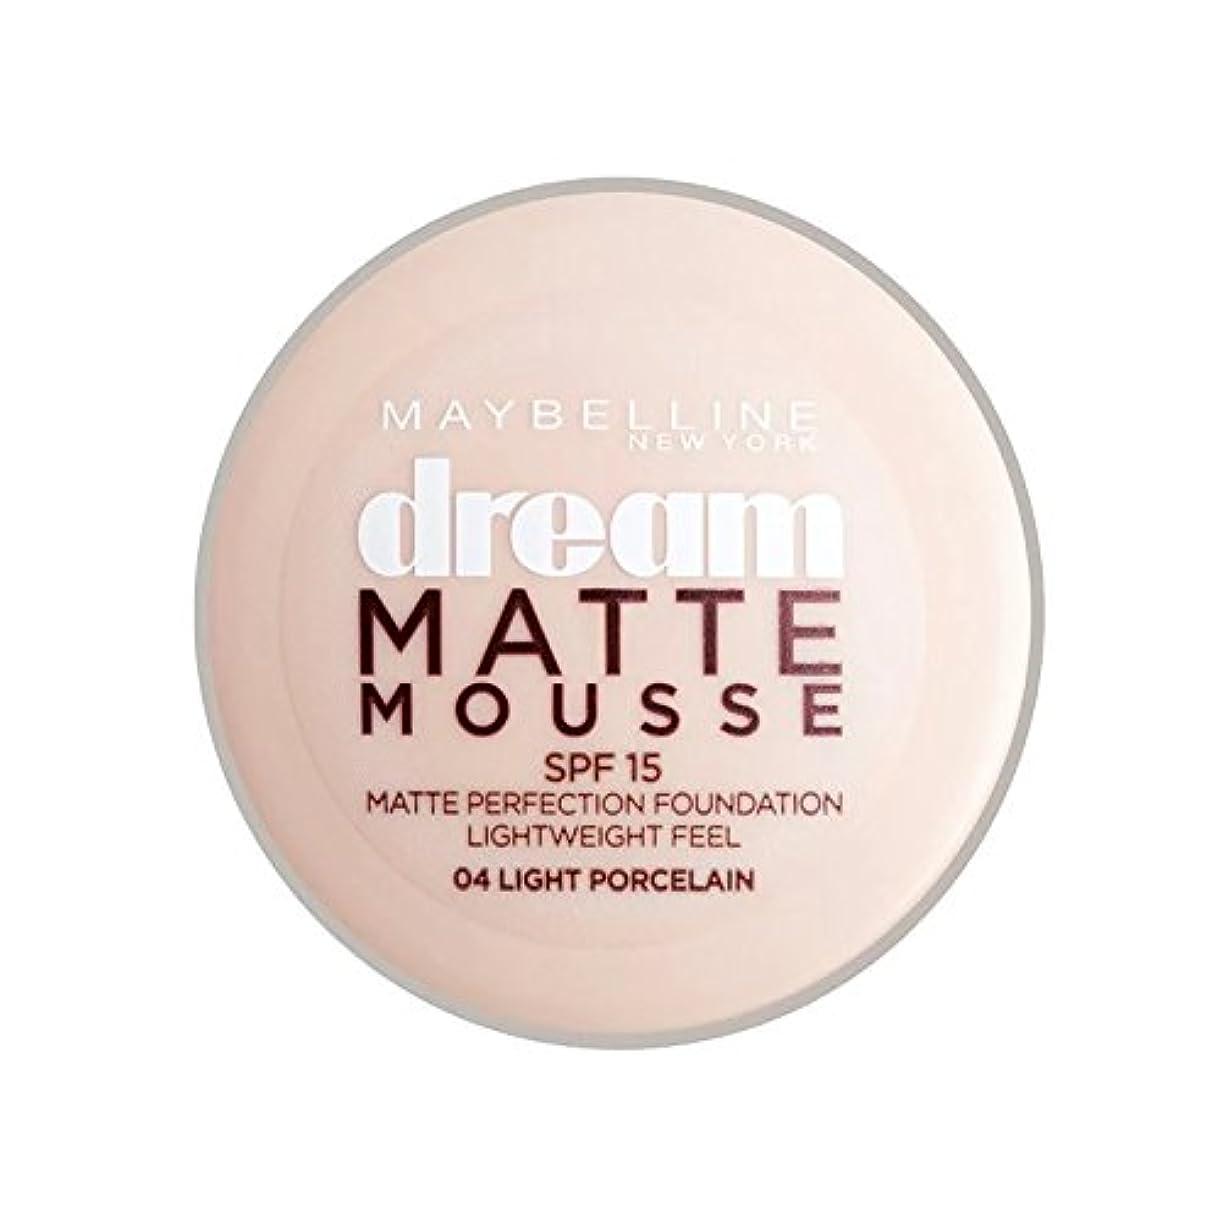 スロー船上次へメイベリン夢のマットムース土台04磁器30ミリリットル x2 - Maybelline Dream Matte Mousse Foundation 04 Porcelain 30ml (Pack of 2) [並行輸入品]